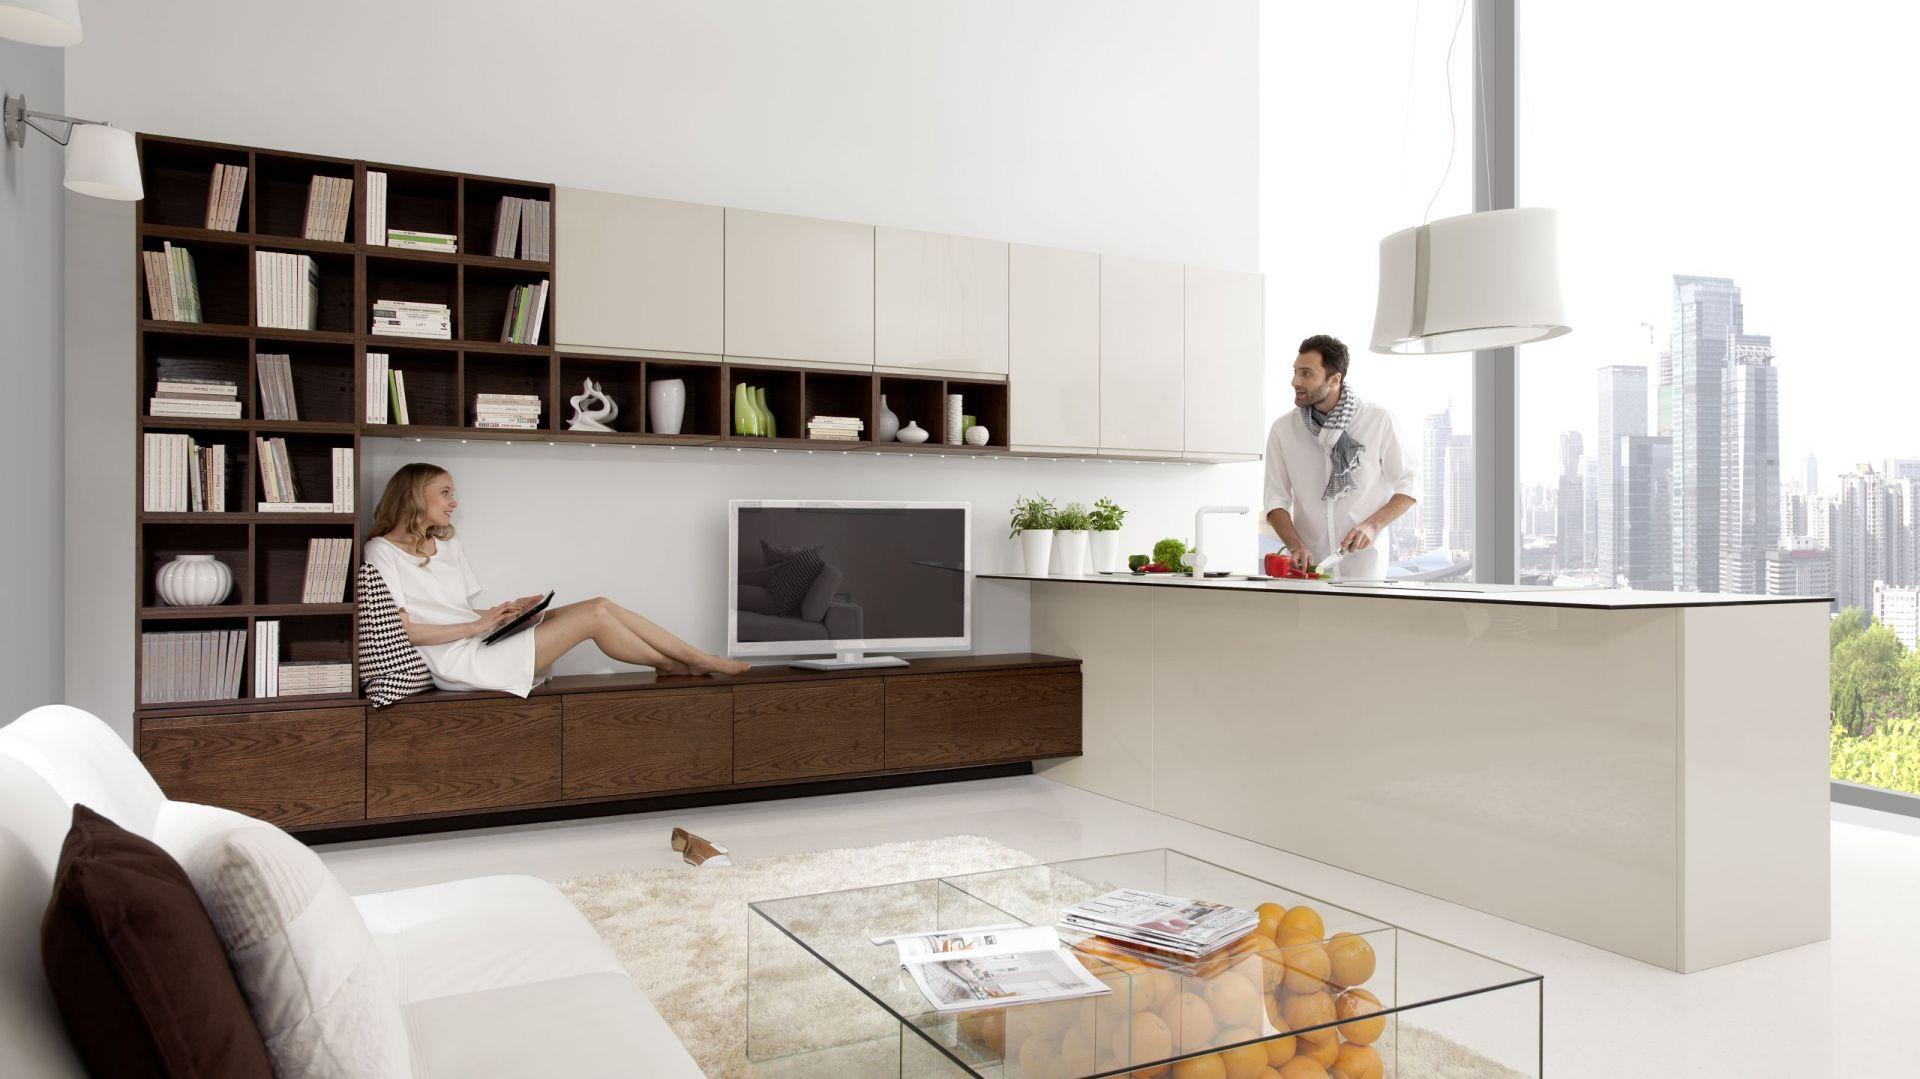 Formę i wielkość półwyspu warto przemyśleć już na etapie projektu wnętrza. Fot. Home Cucine